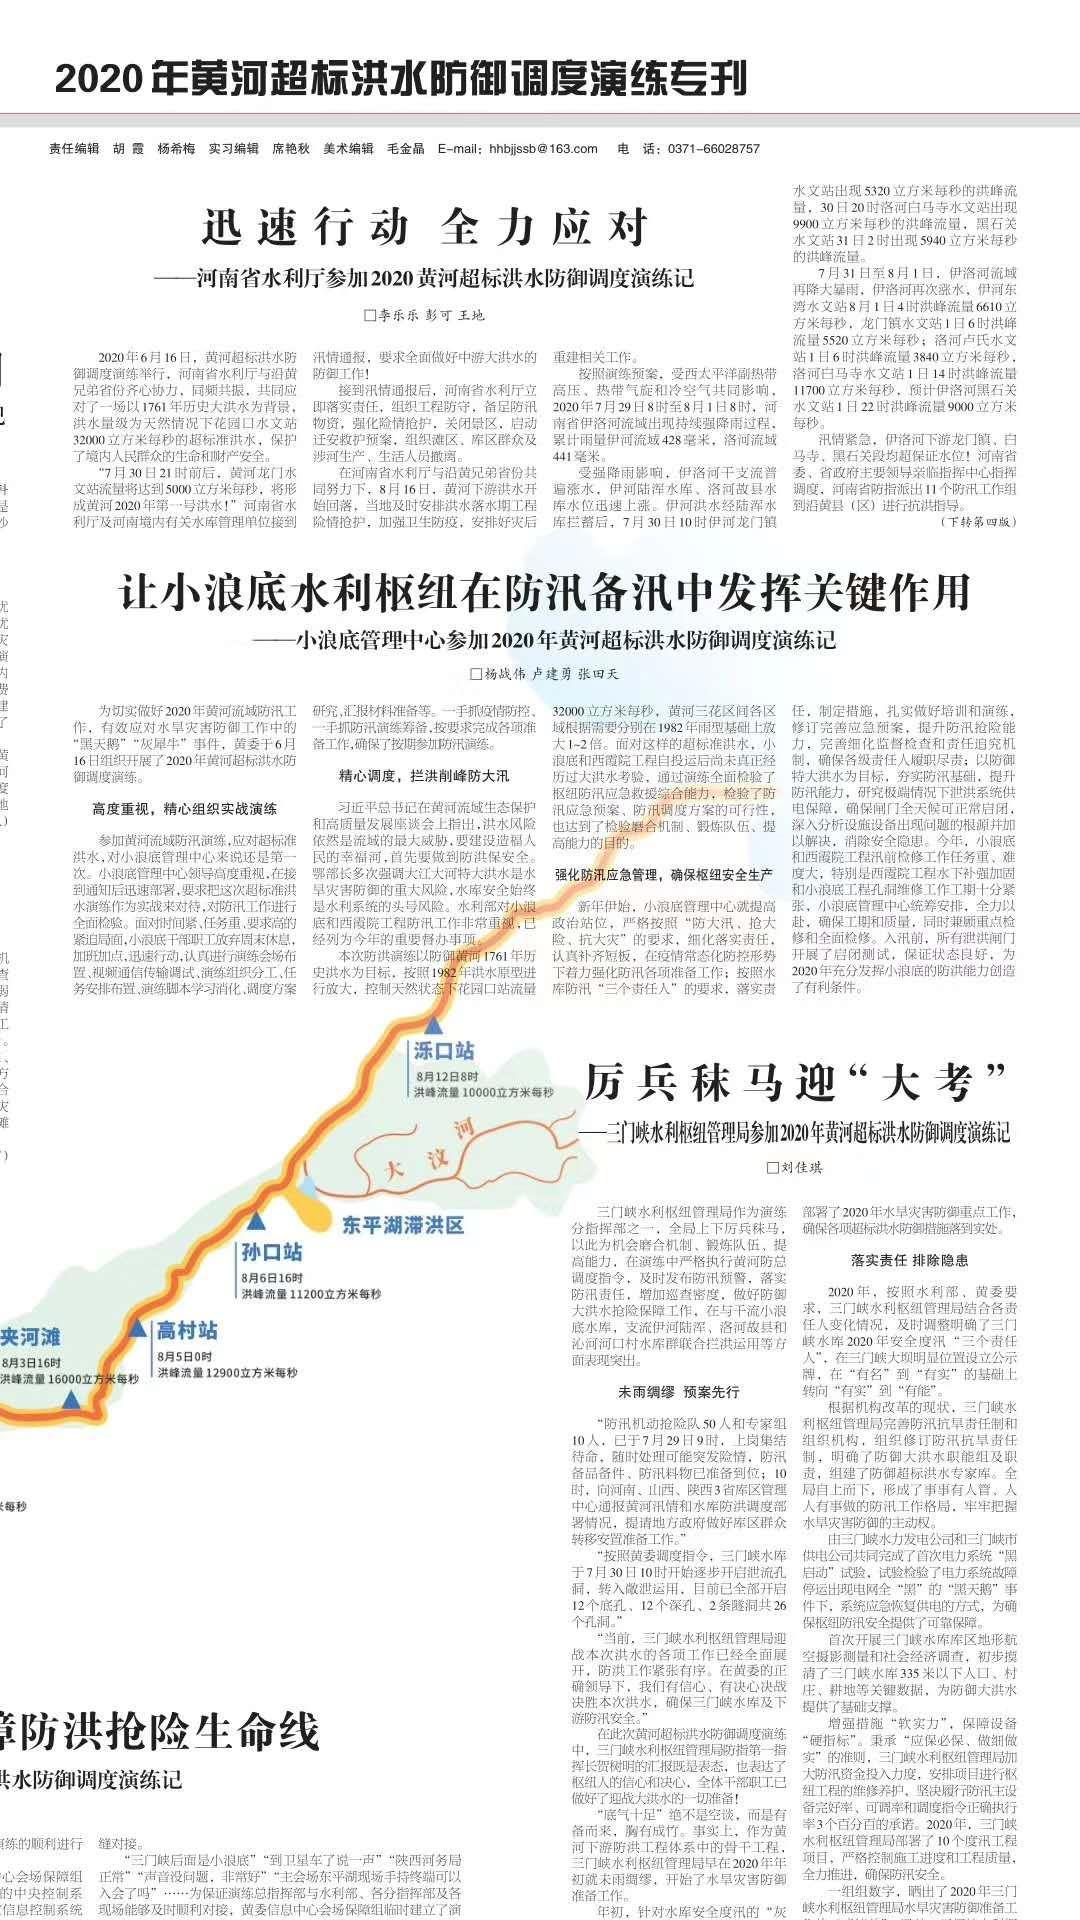 黄河报:迅速行动 全力应对——河南省水利厅参加2020黄河超标洪水防御调度演练记